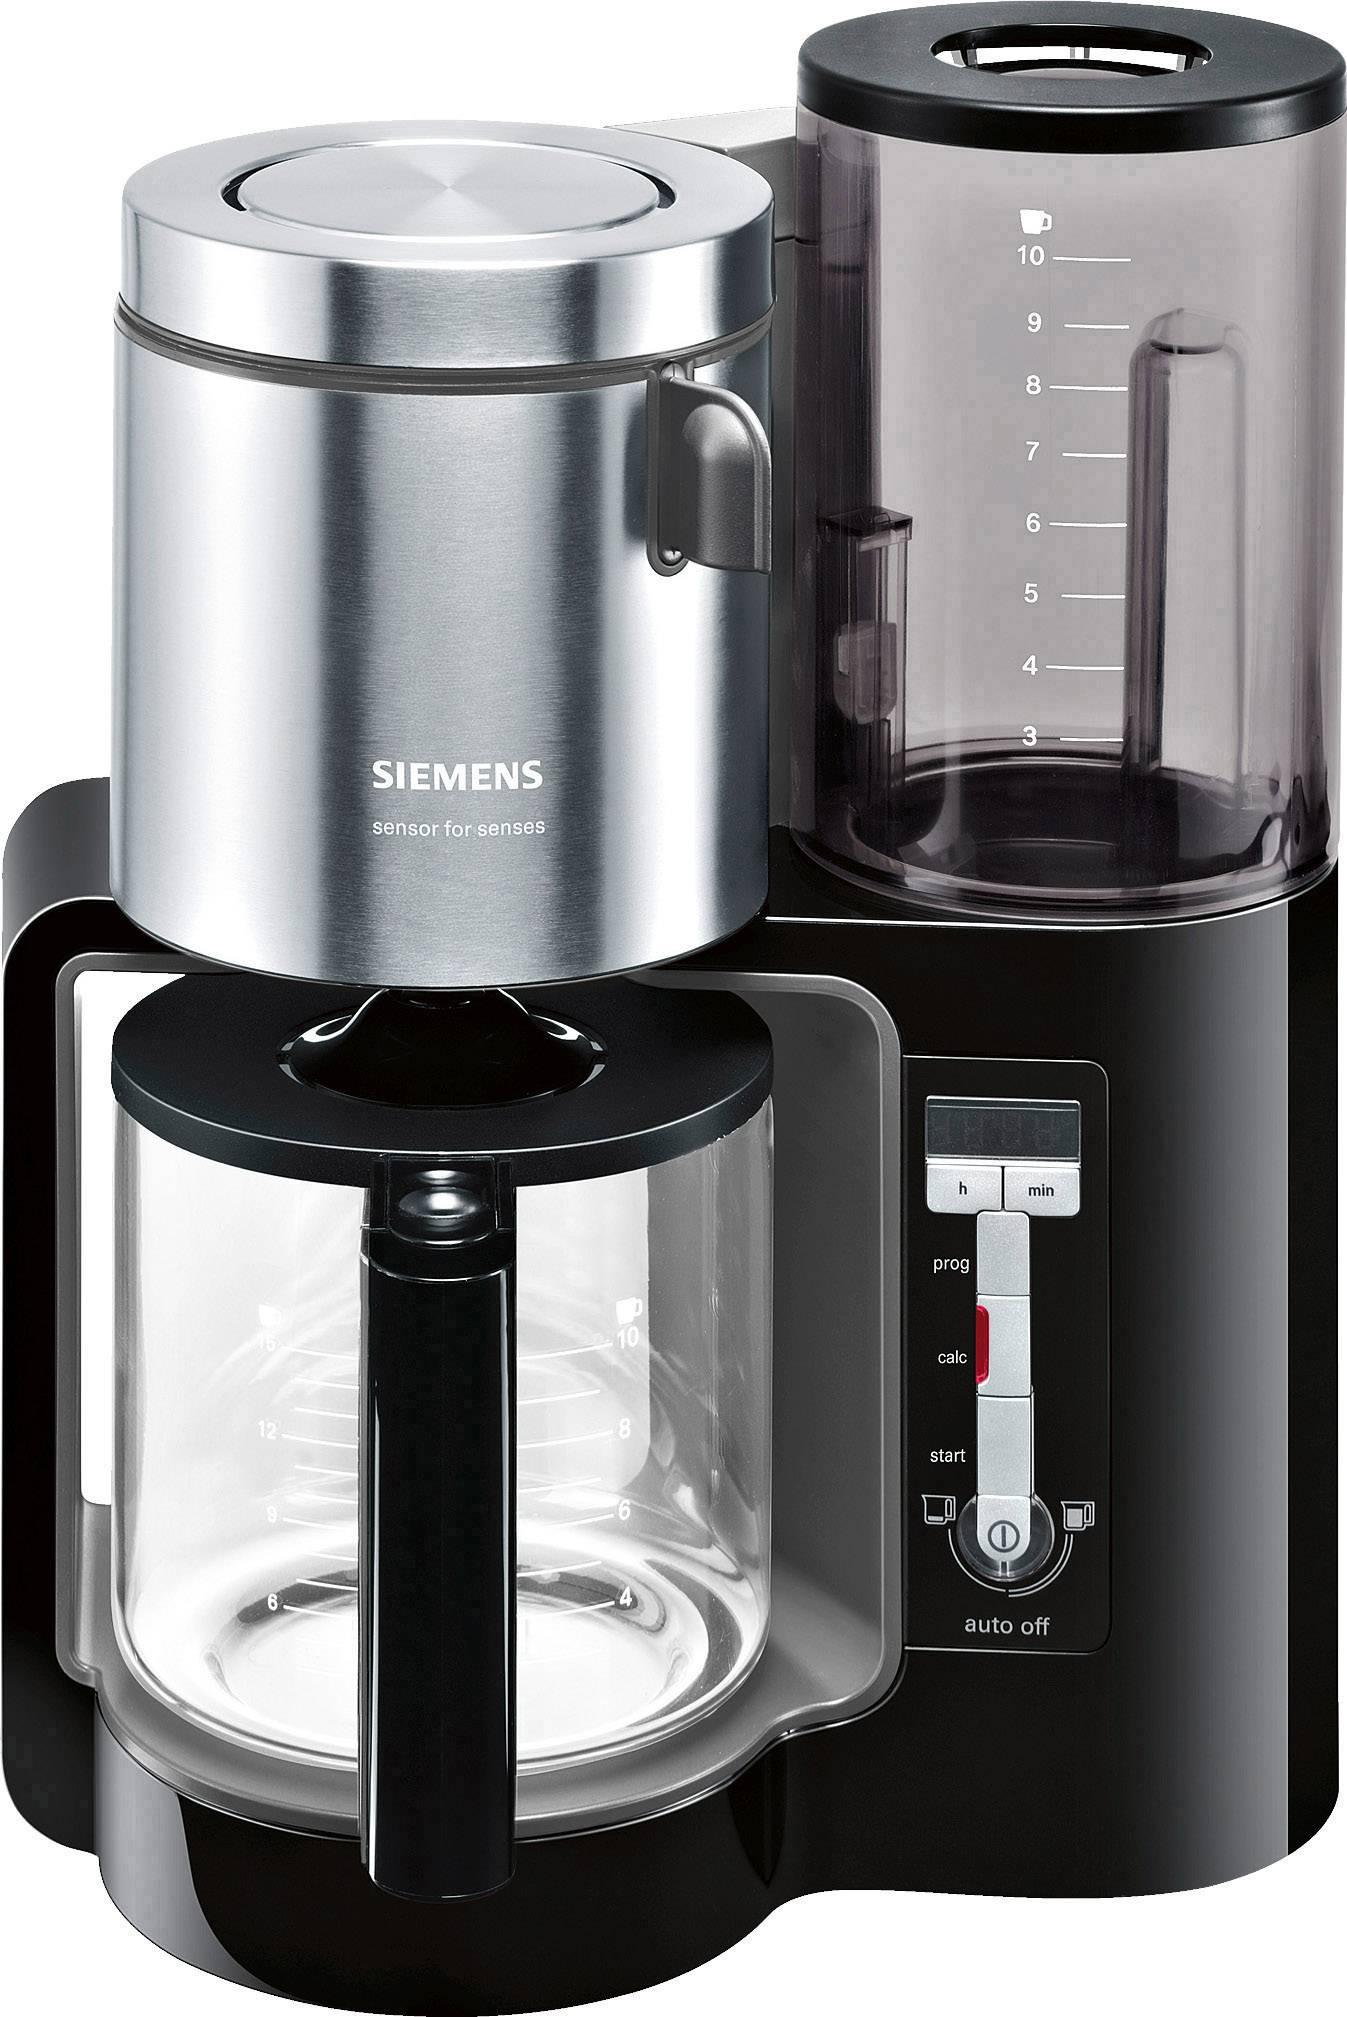 Kávovar Siemens TC86303, černá, antracitová